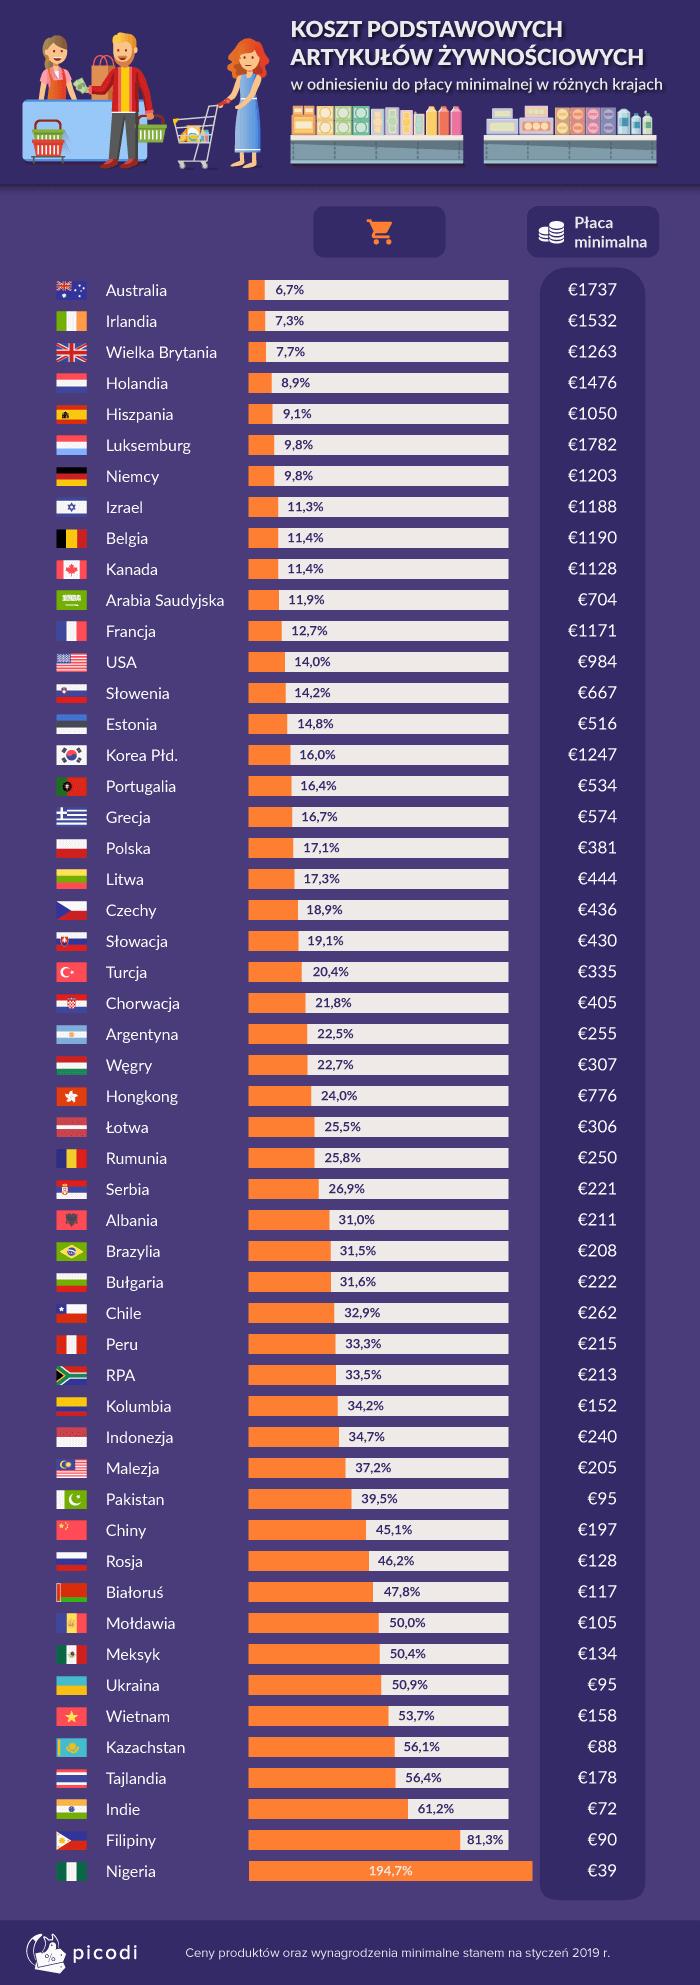 2-koszt-podstawowych-artykulow-zywnosciowych-na-swiecie.png